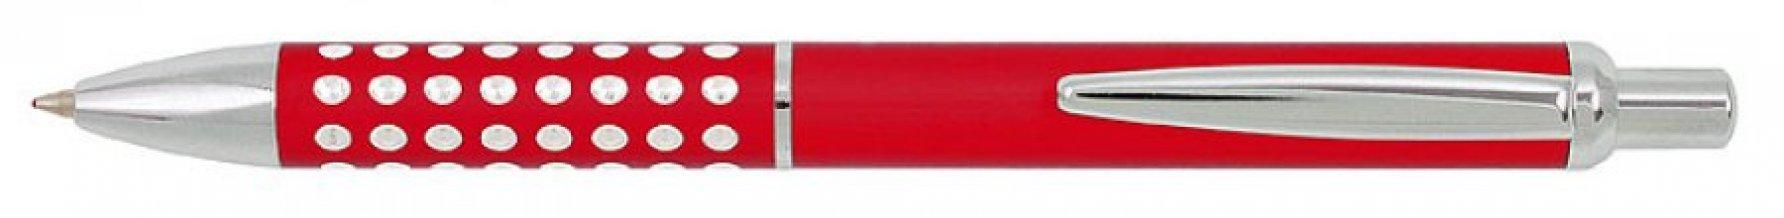 Mikrotužka CLIVIO /D, červená